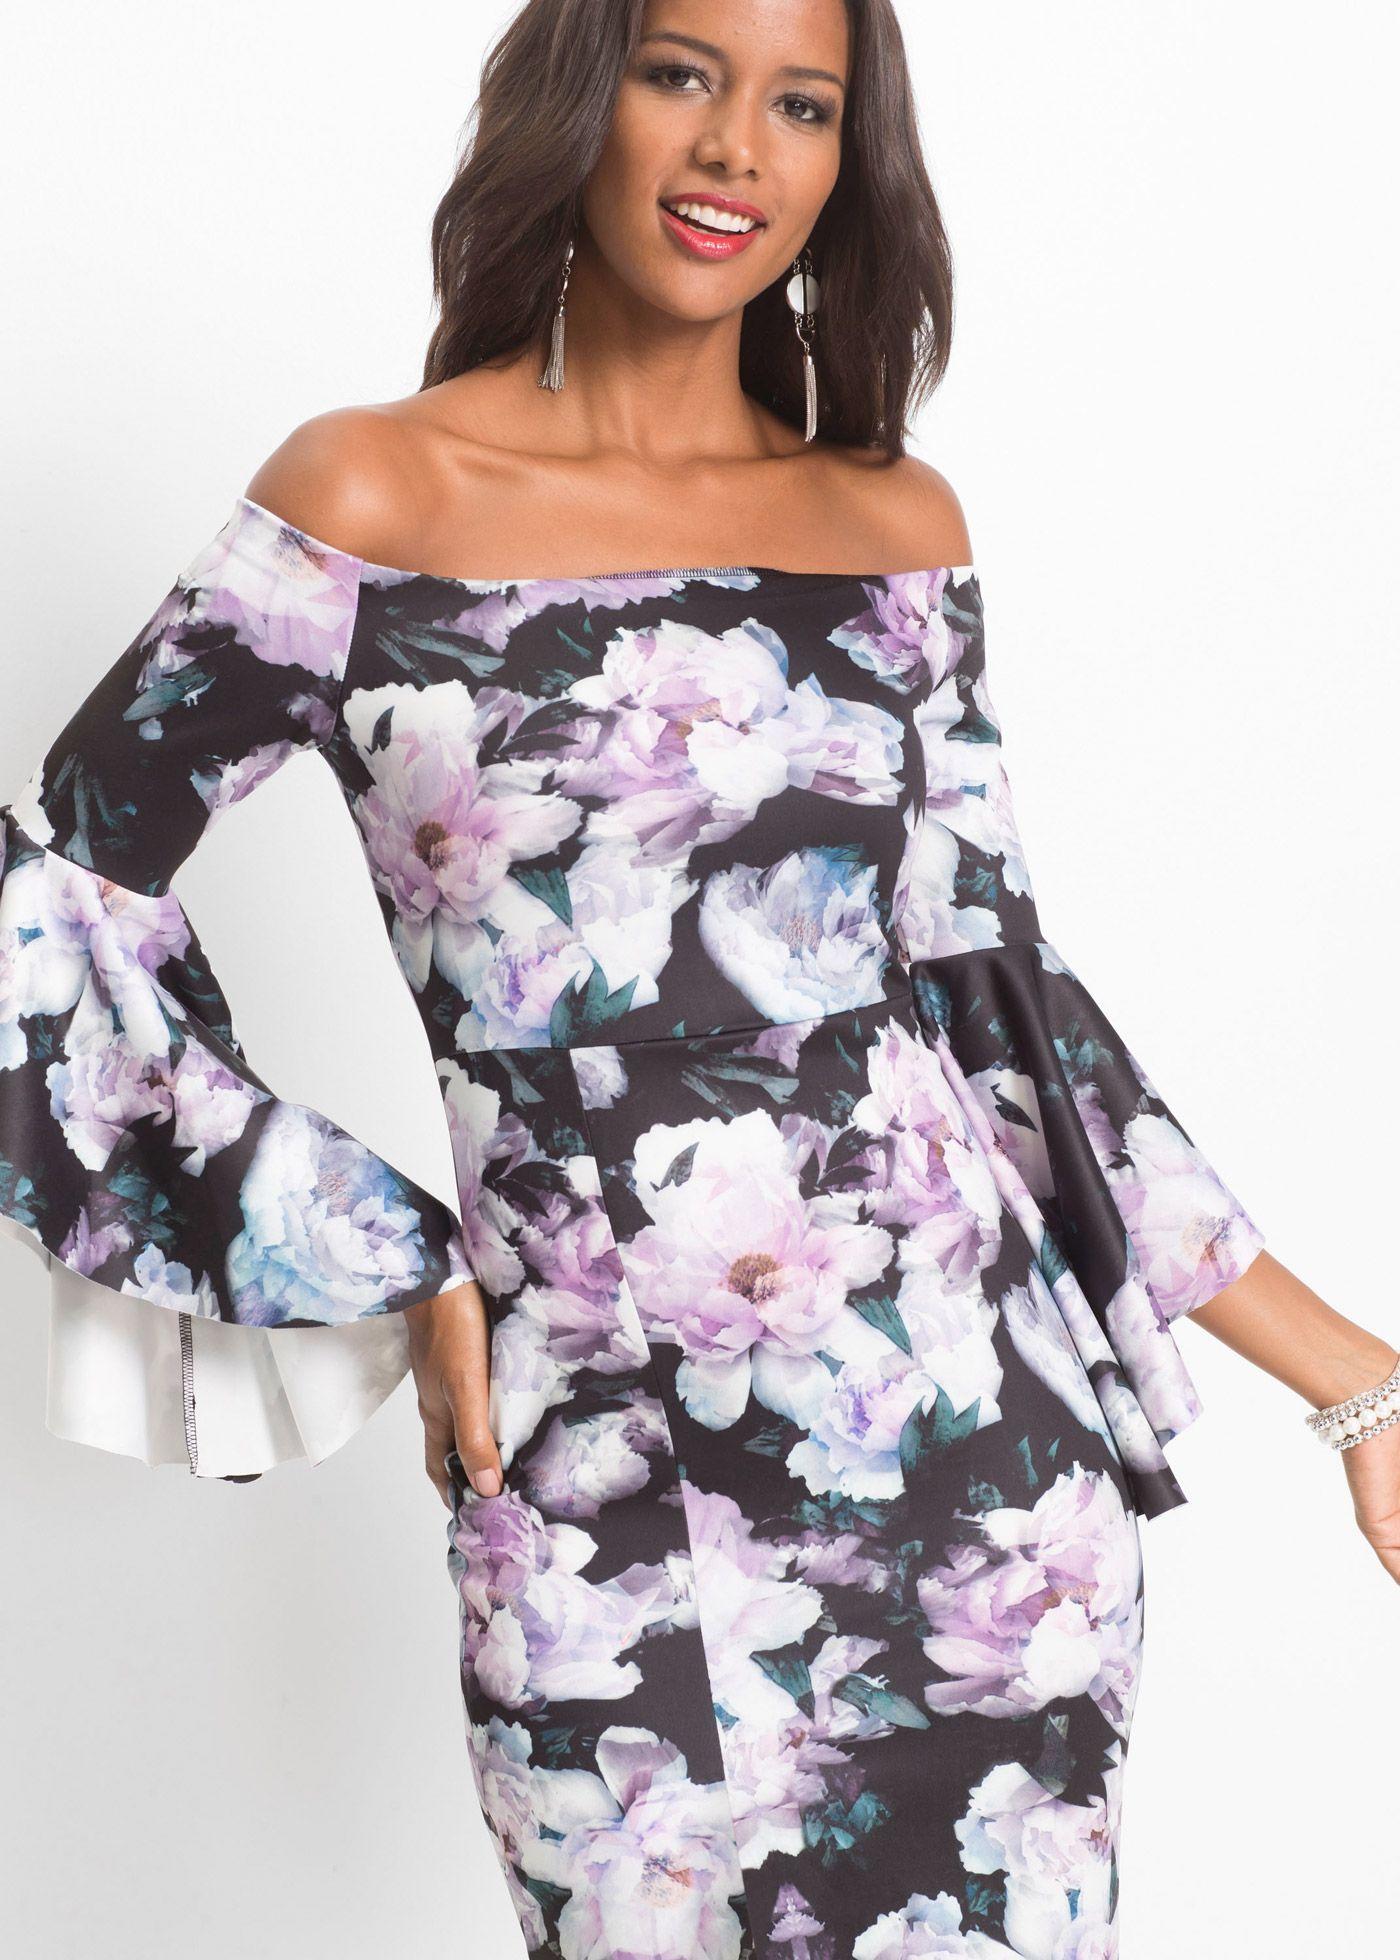 d6731b5cf4b990 Kleid mit floralem Print